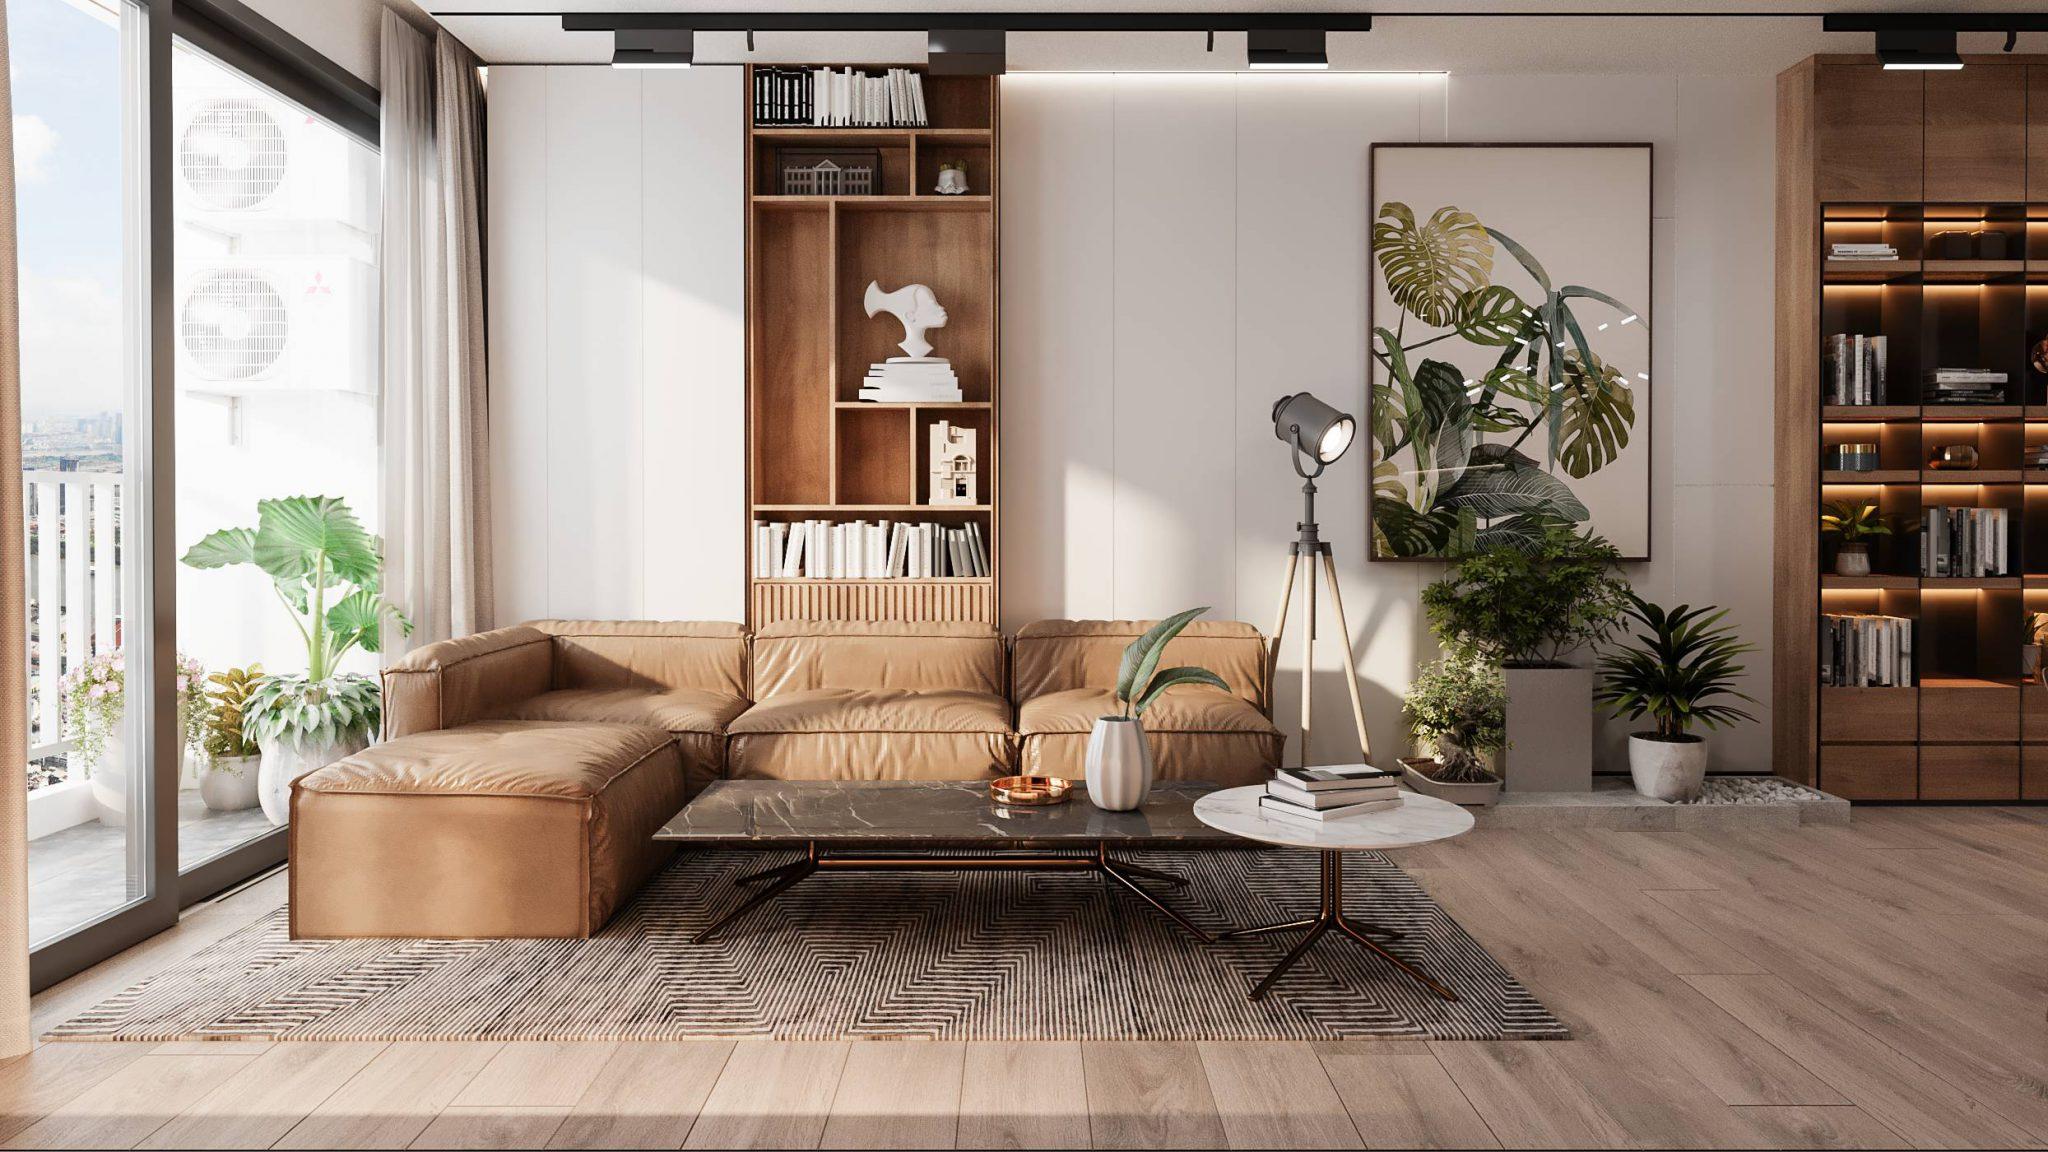 Không gian phòng khách Chung cư Feliz Homes với kính tràn ngoại cỡ cho tầm view rộng mở triệu đô